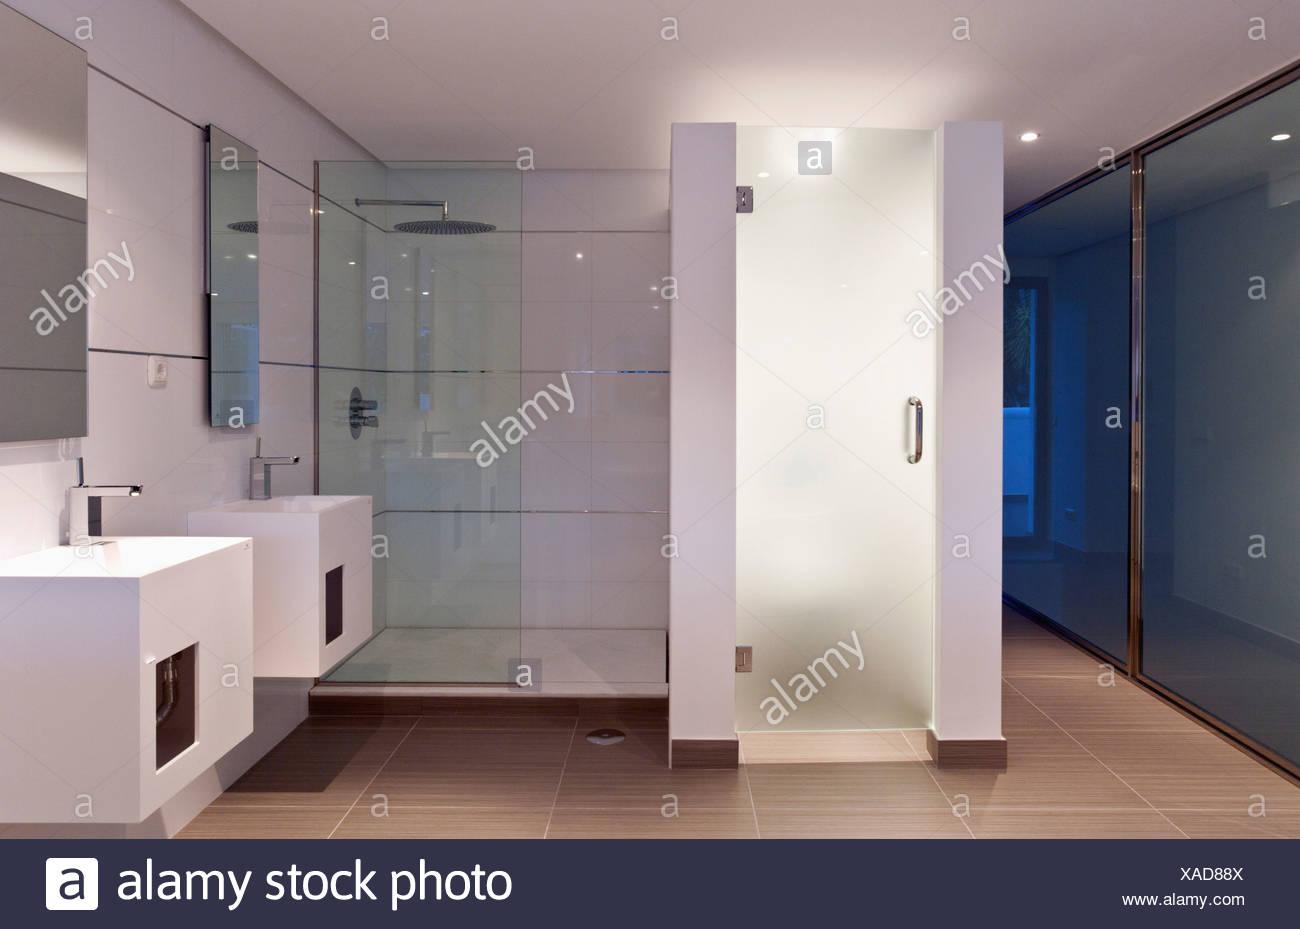 Doppel becken und walk in glas dusche schrank in modernen wei en badezimmer in neu gebauten - Badezimmer becken ...